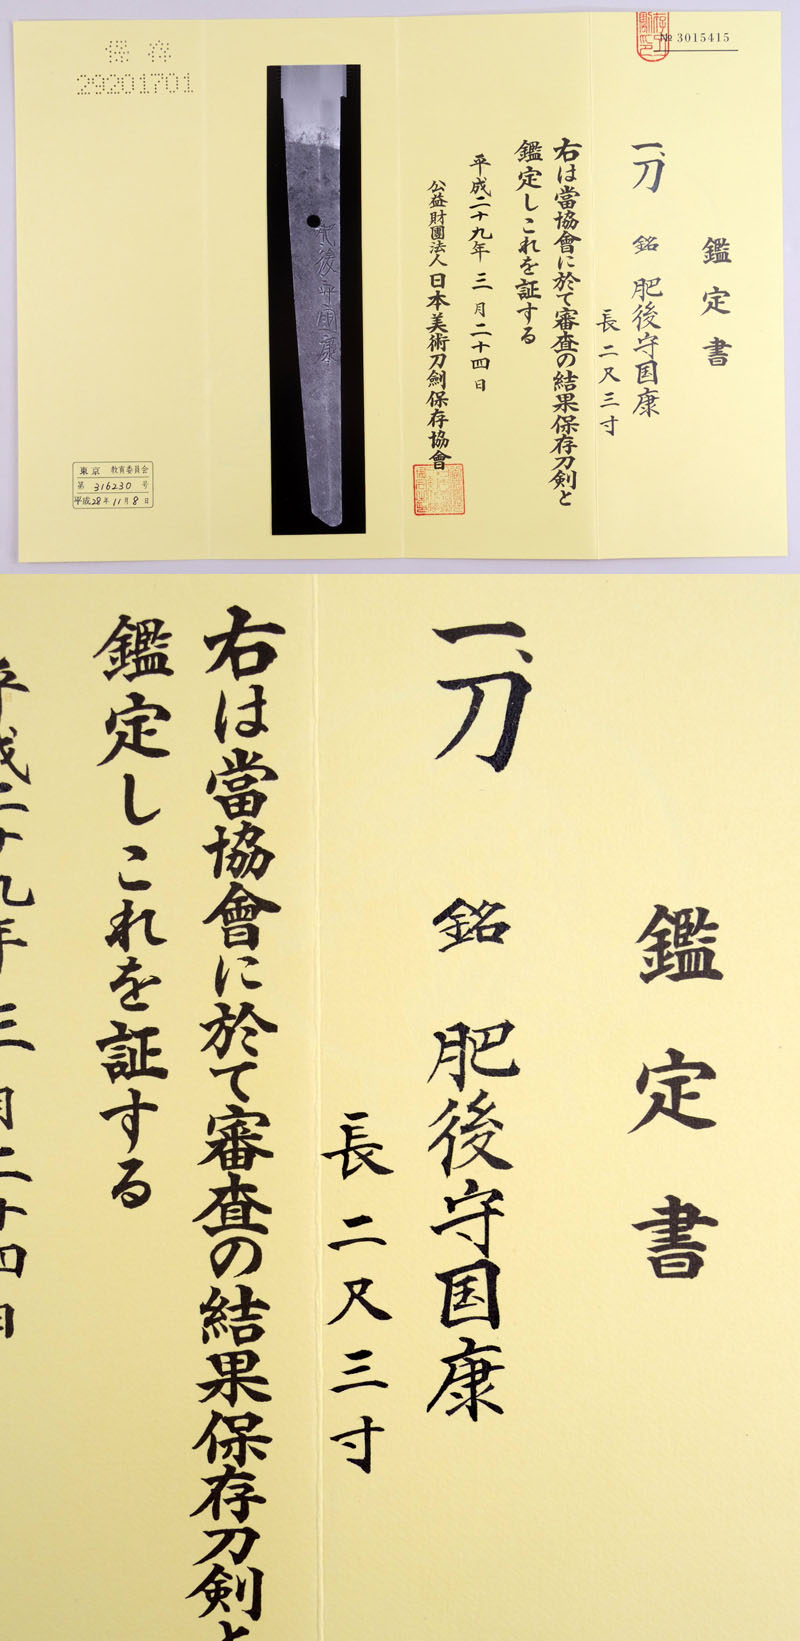 肥後守国康 Picture of Certificate